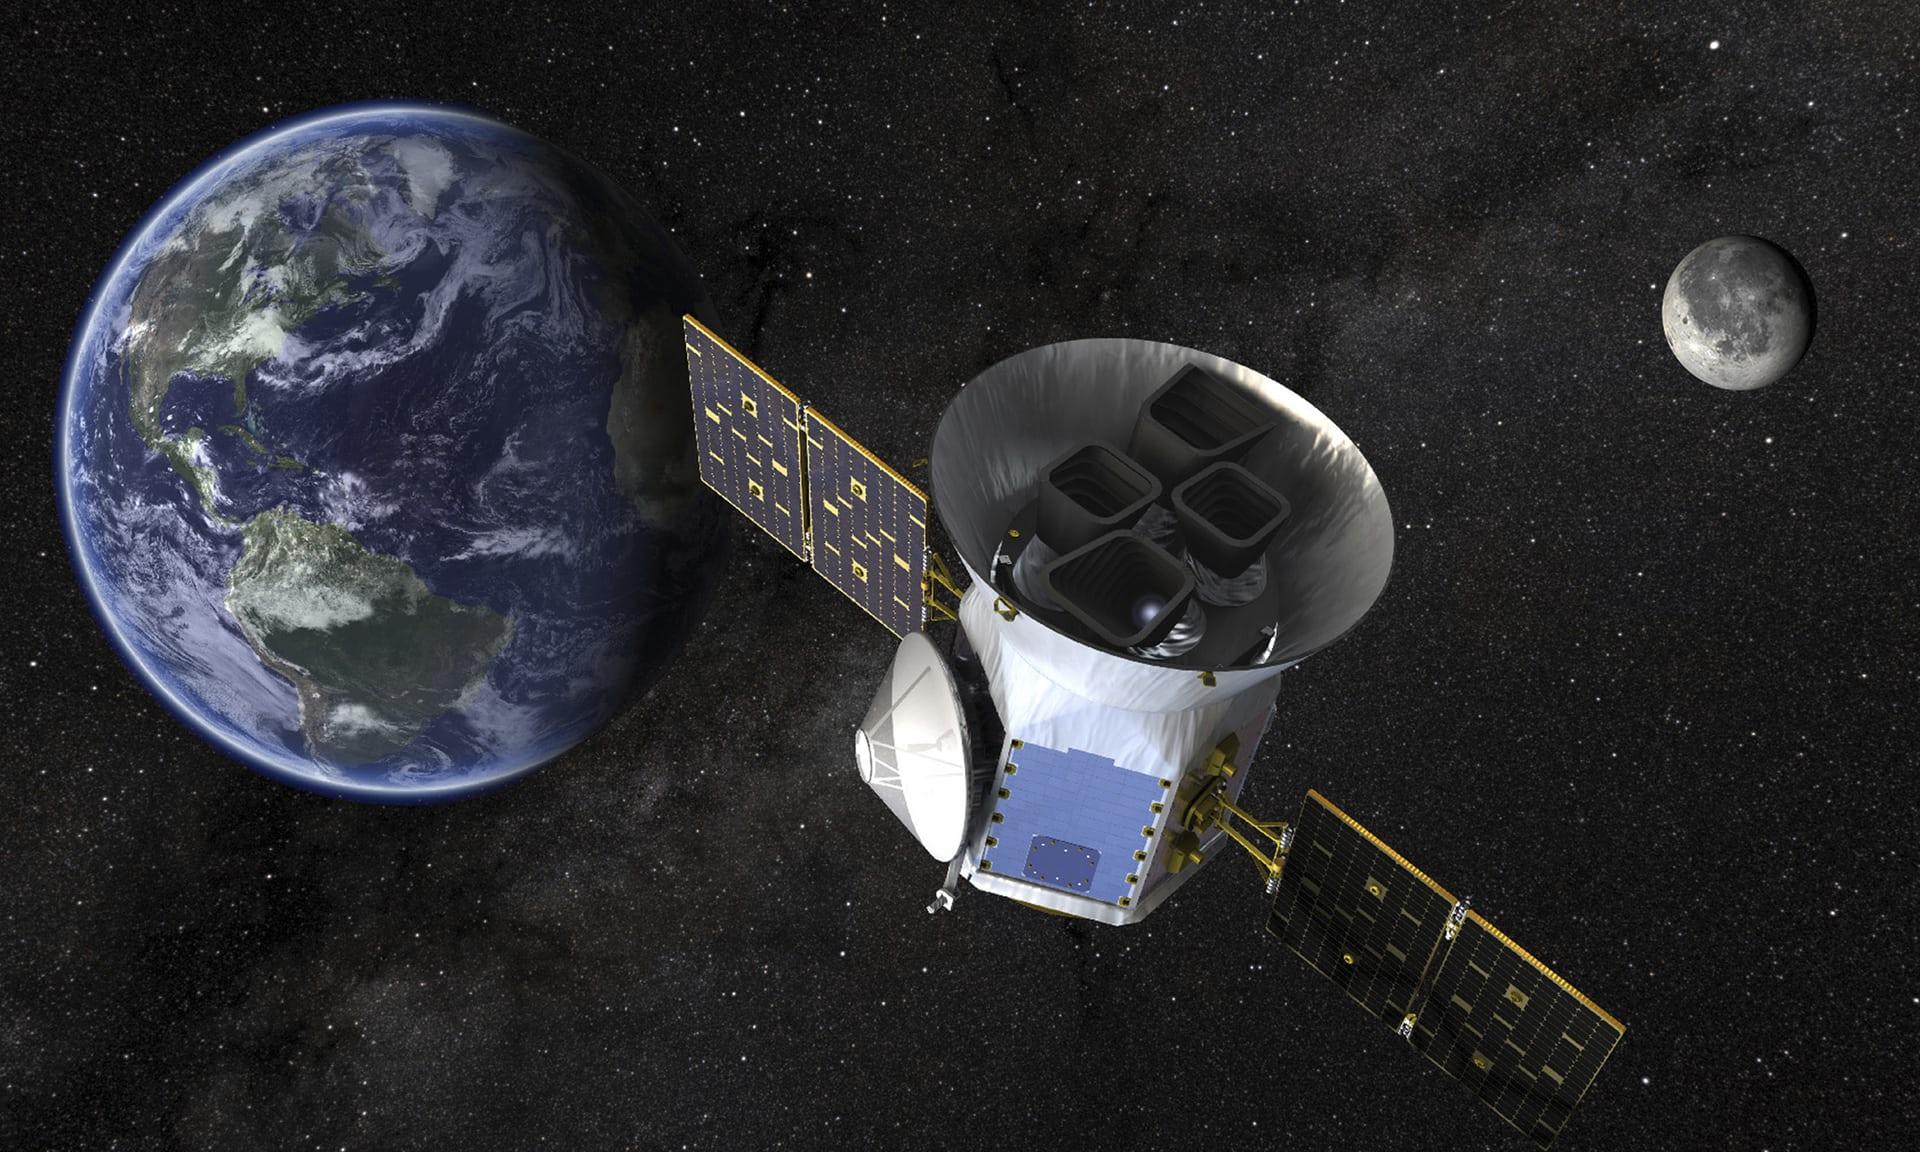 Сегодня NASA запустит новый аппарат для поиска экзопланет - 1